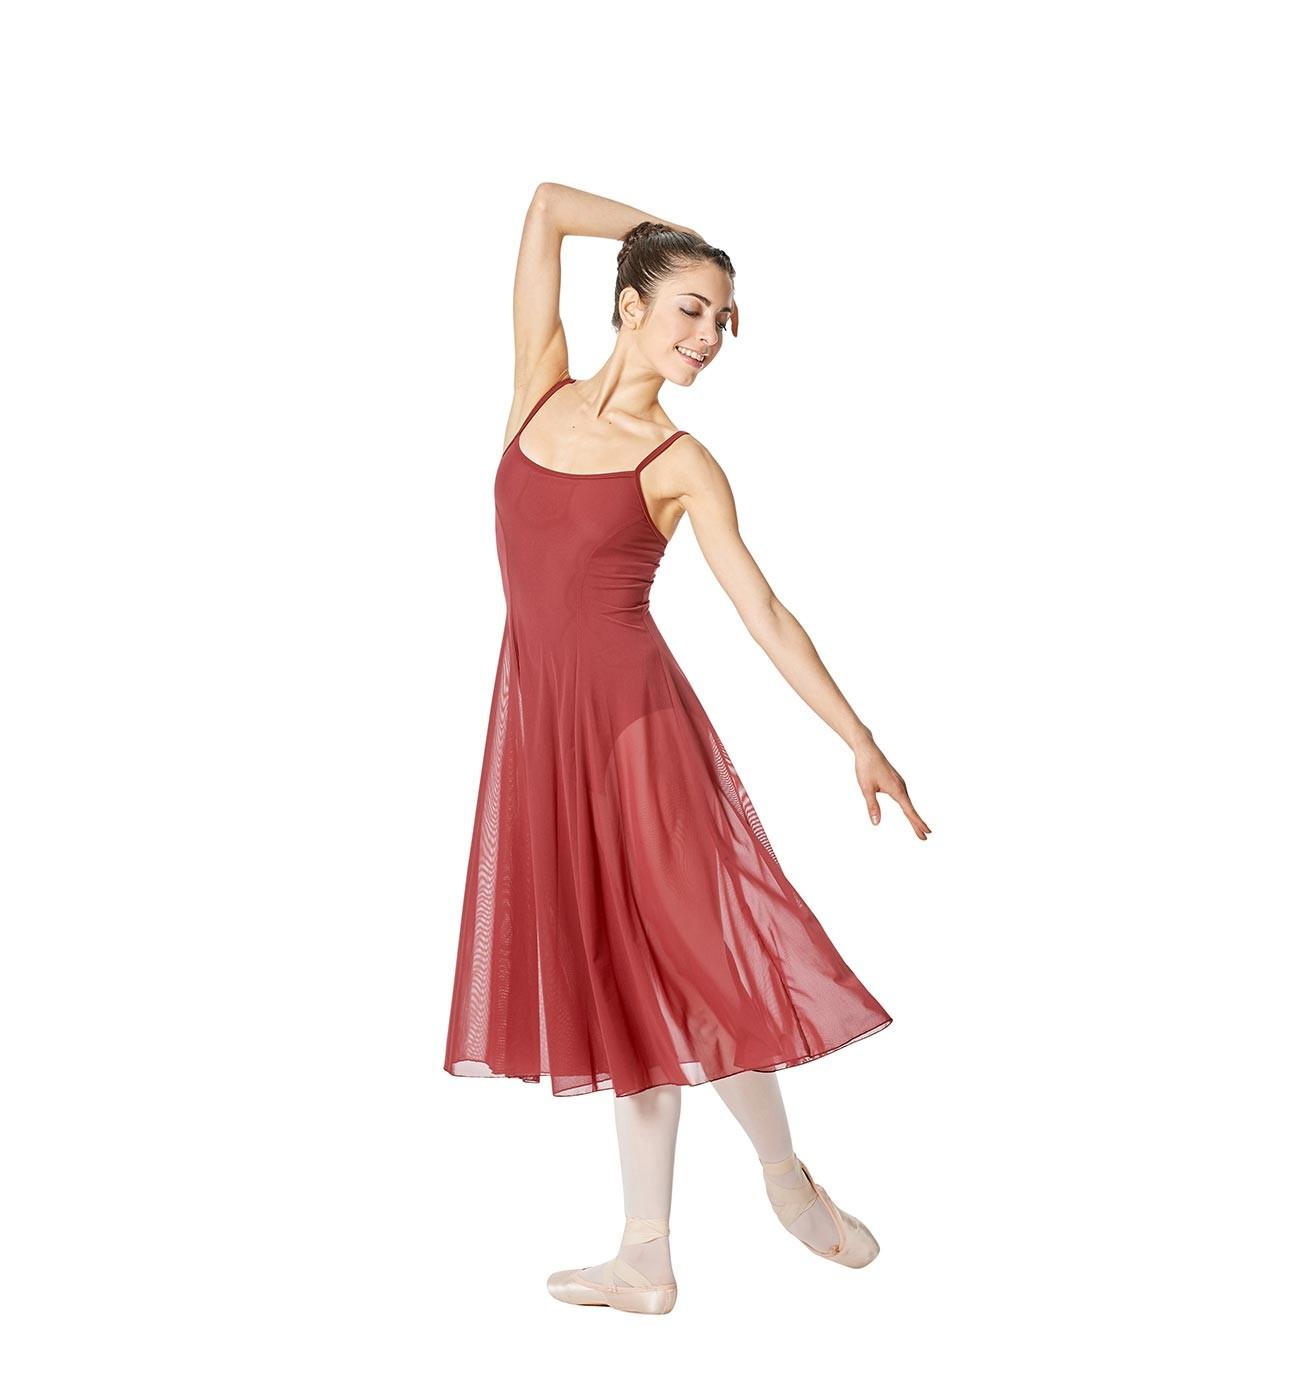 בורדו שמלת בלט Claire של Lulli עם רשת ארוכה במיוחד LUB256